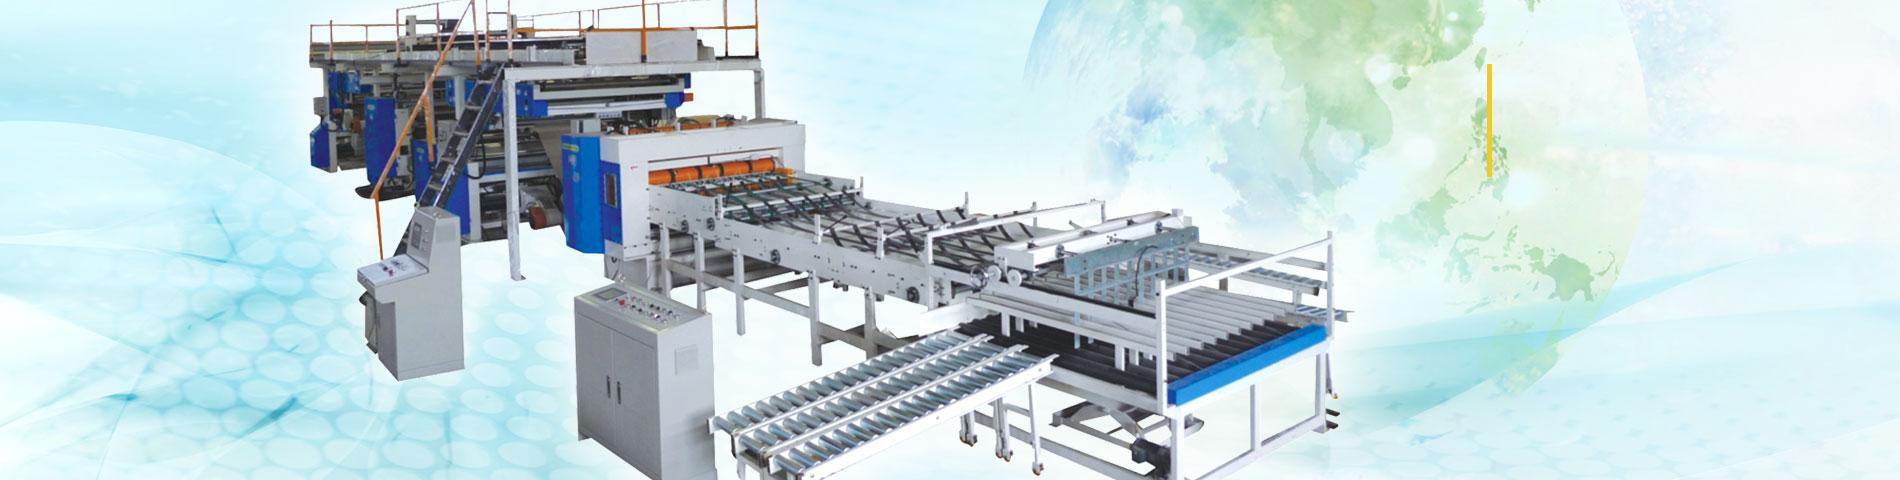 瓦楞紙(單瓦) 自動化生產設備